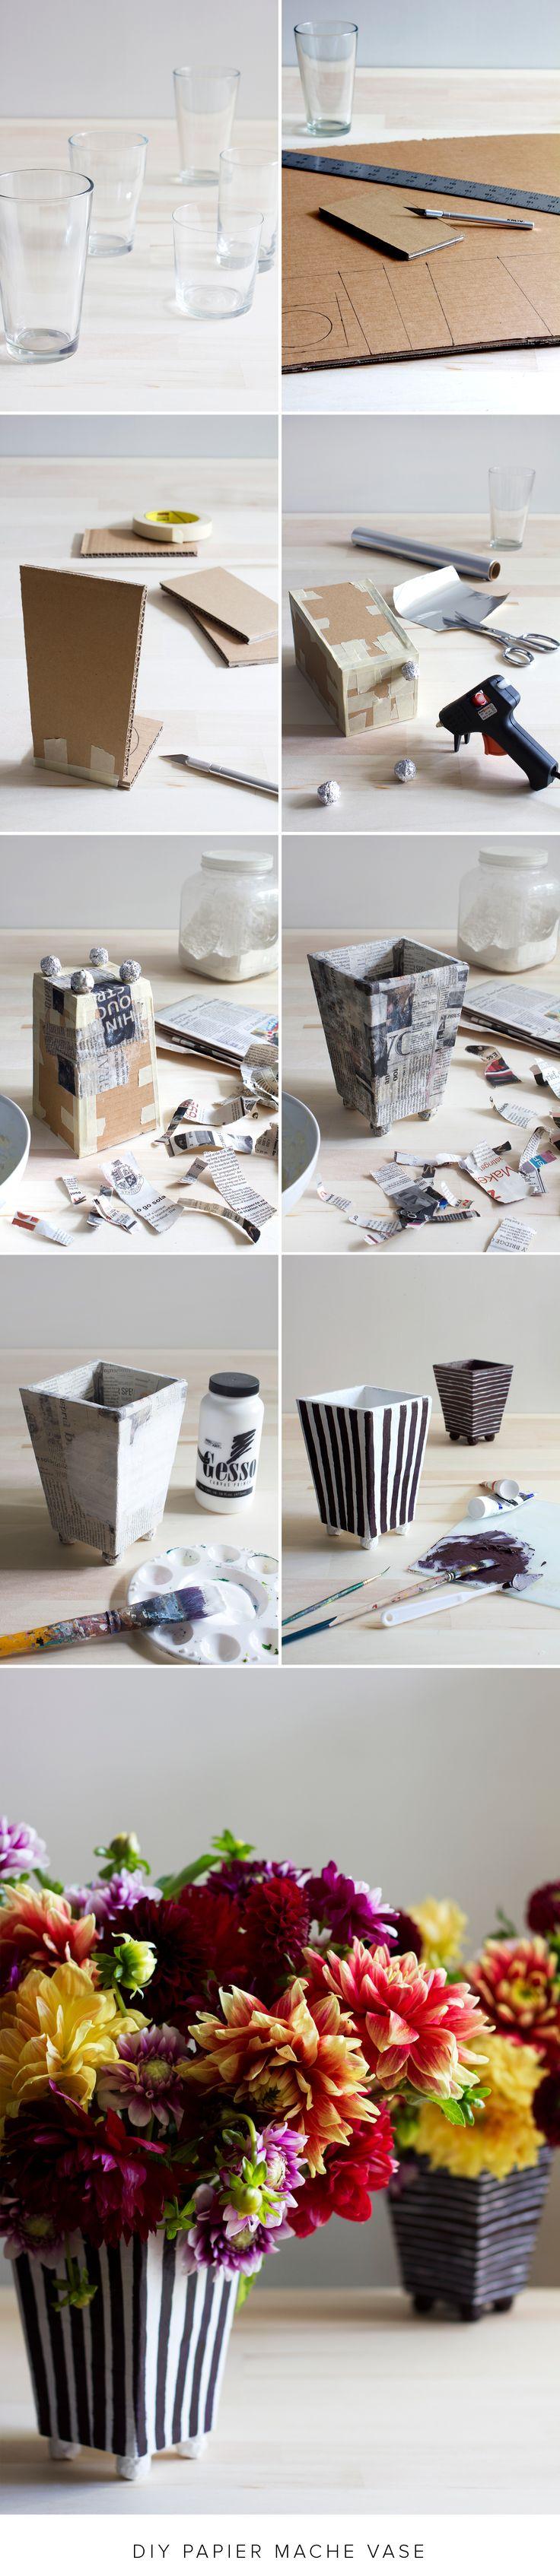 DIY paper mache vase